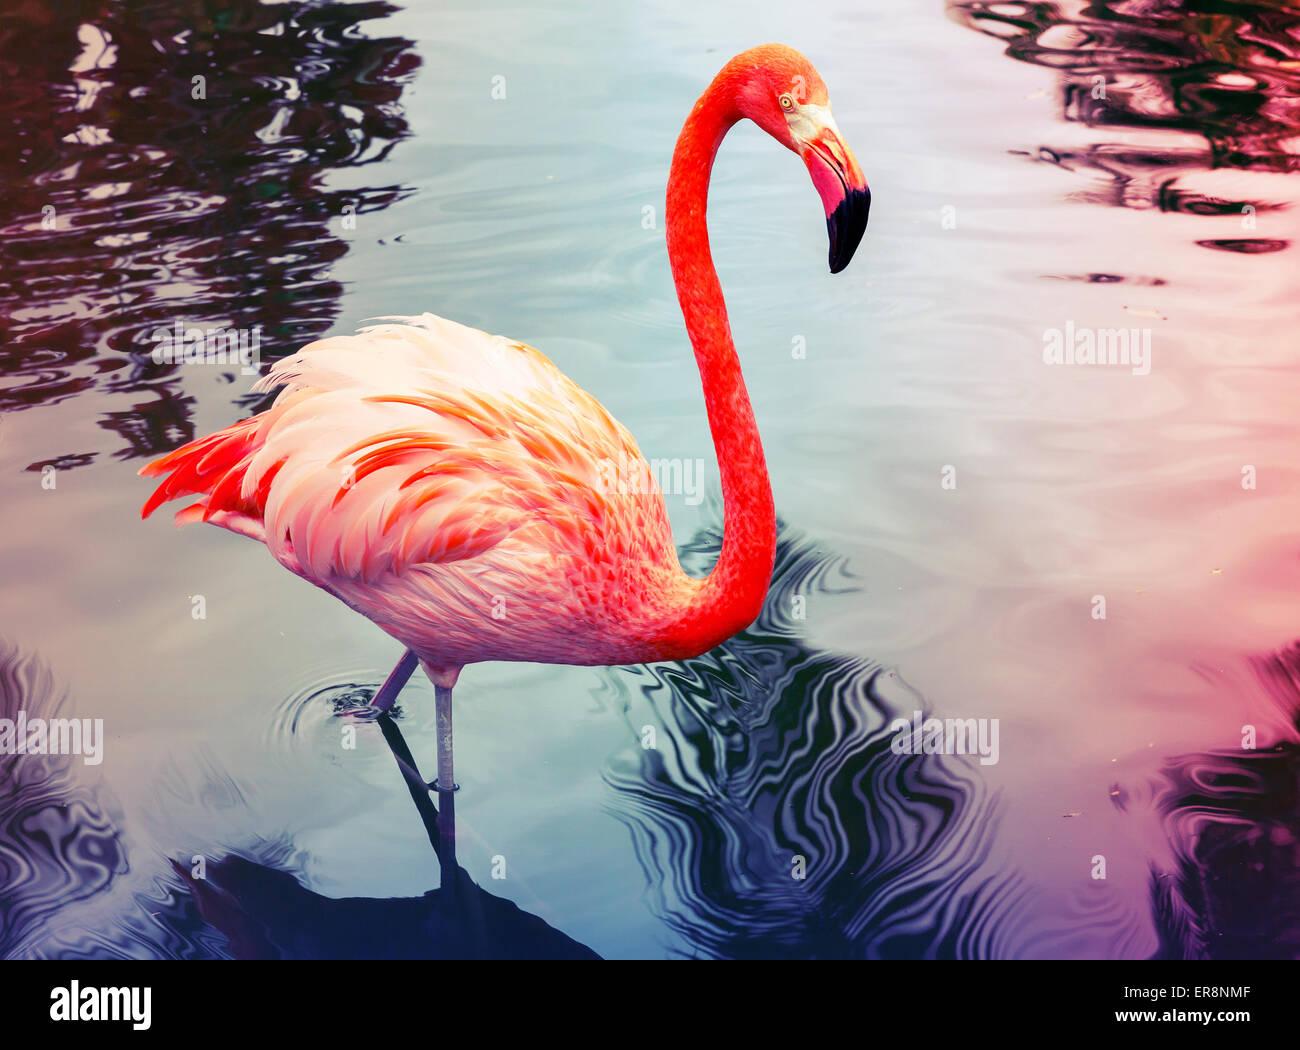 Rosa Flamingo geht in das Wasser mit Reflexionen, stilisierte Foto mit bunten Tonwertkorrektur Filter, Instagram Stockbild